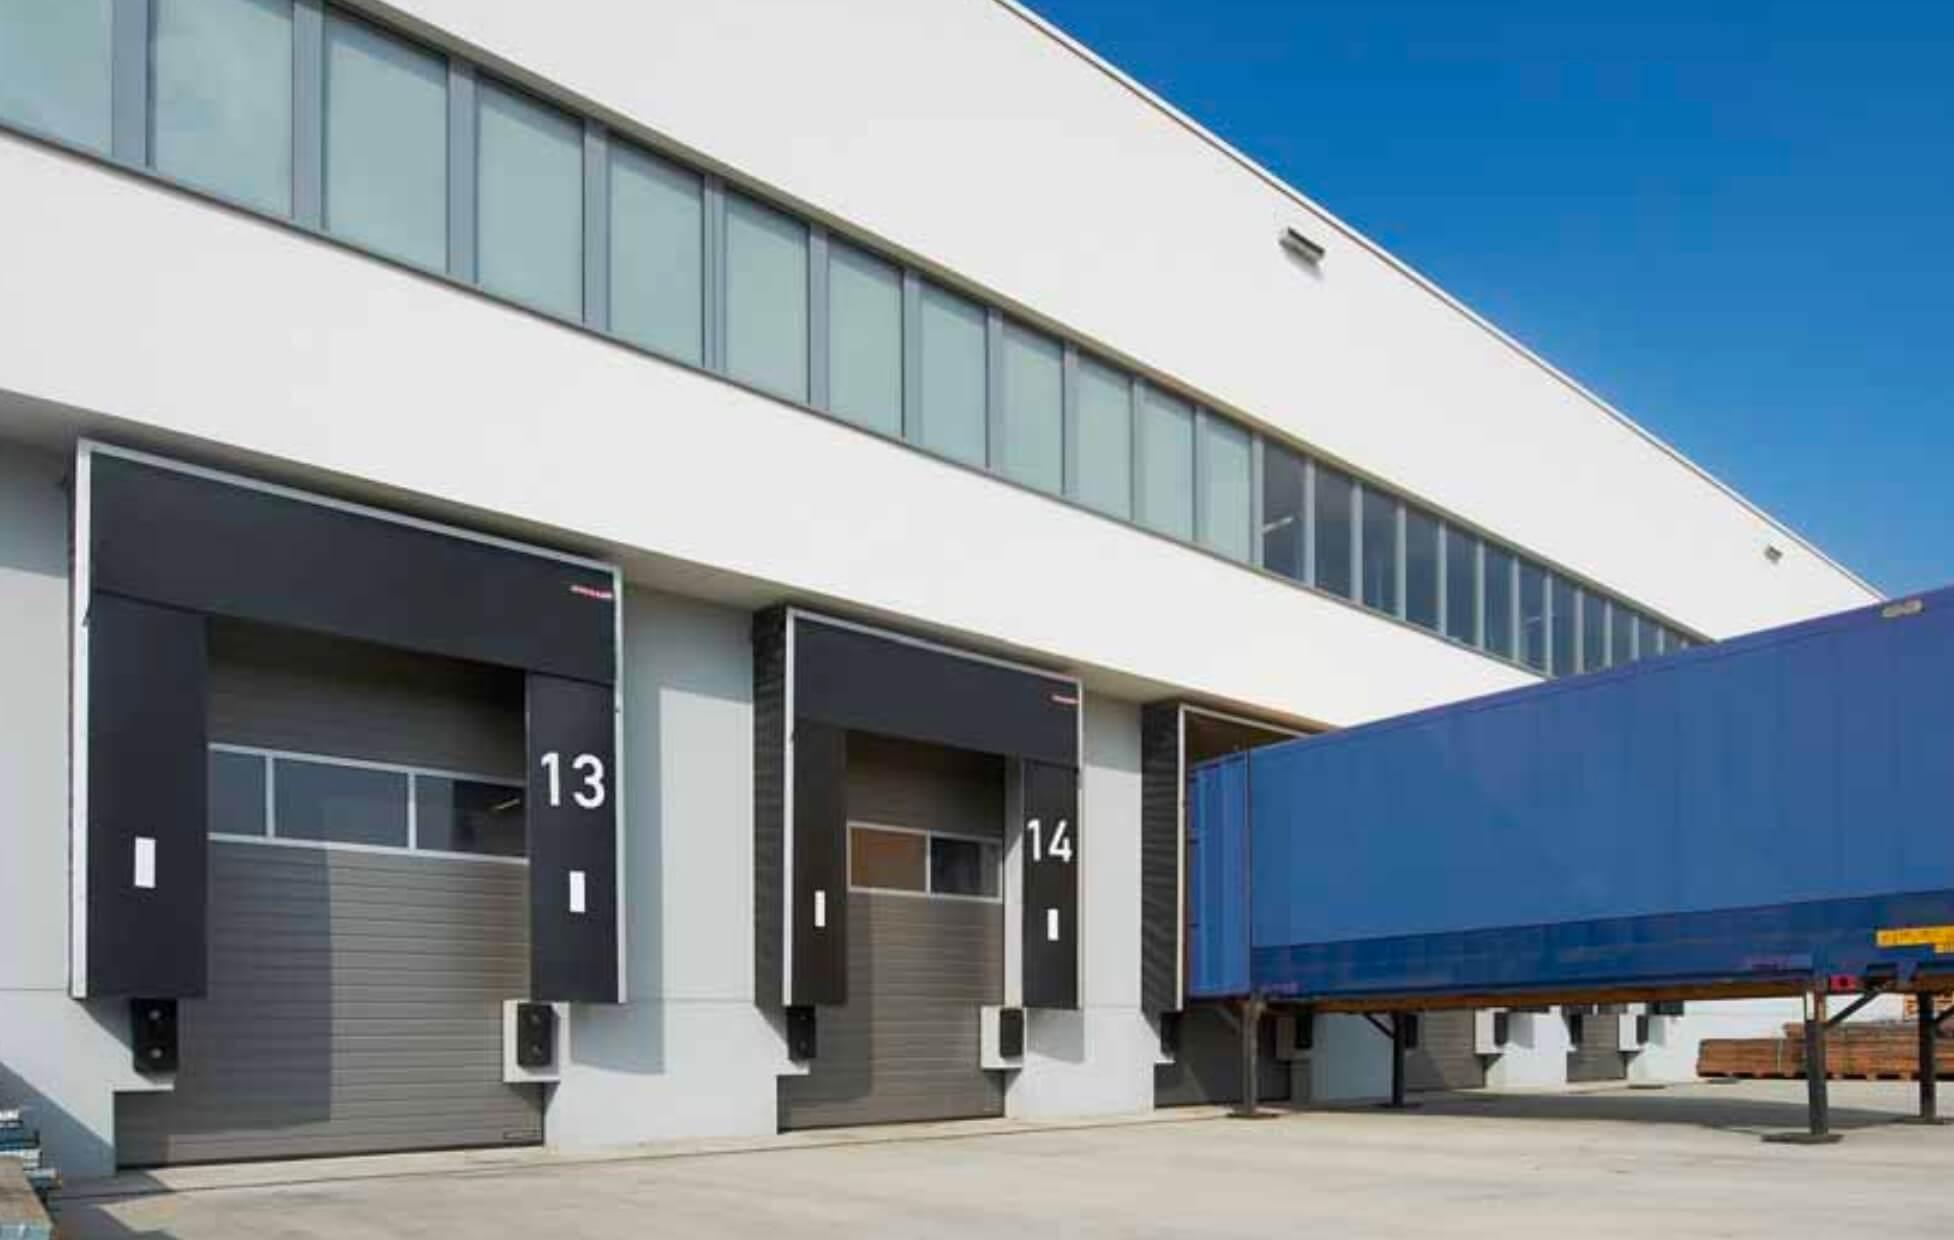 dockshelters-shelters-dockequipment-groningen